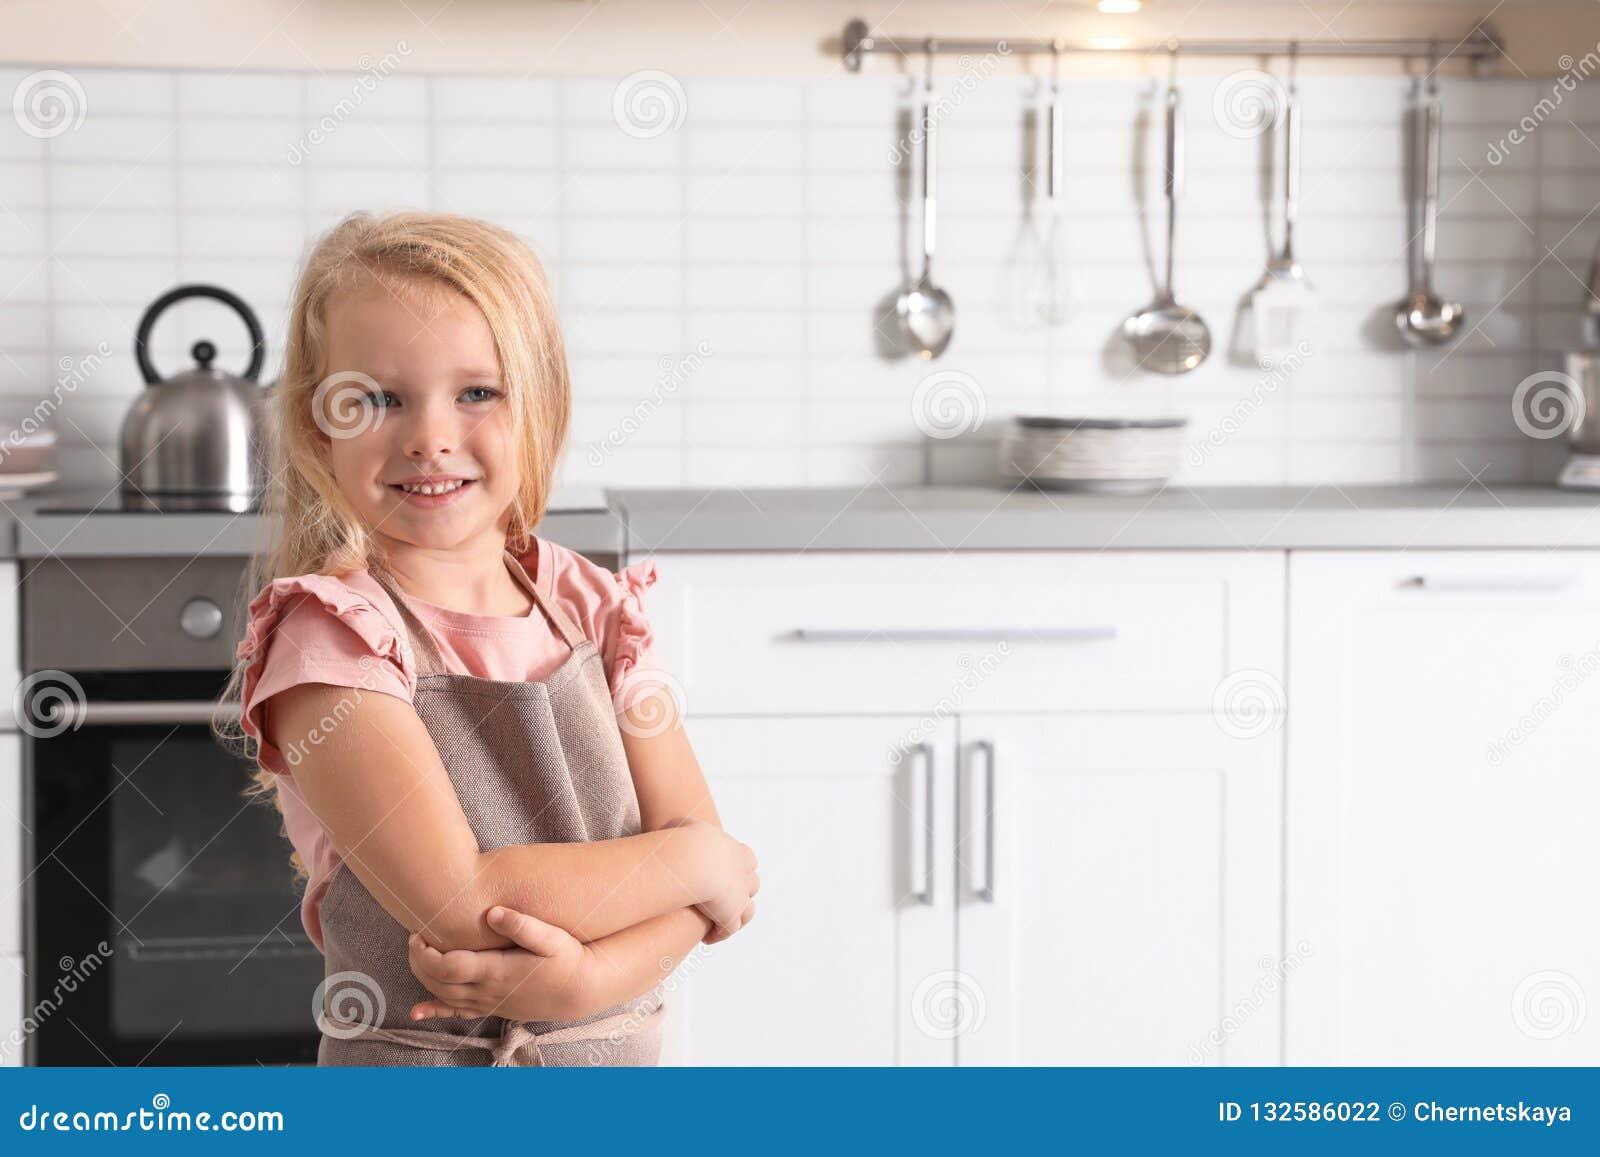 Nettes tragendes Schutzblech des kleinen Mädchens nahe Ofen in der Küche